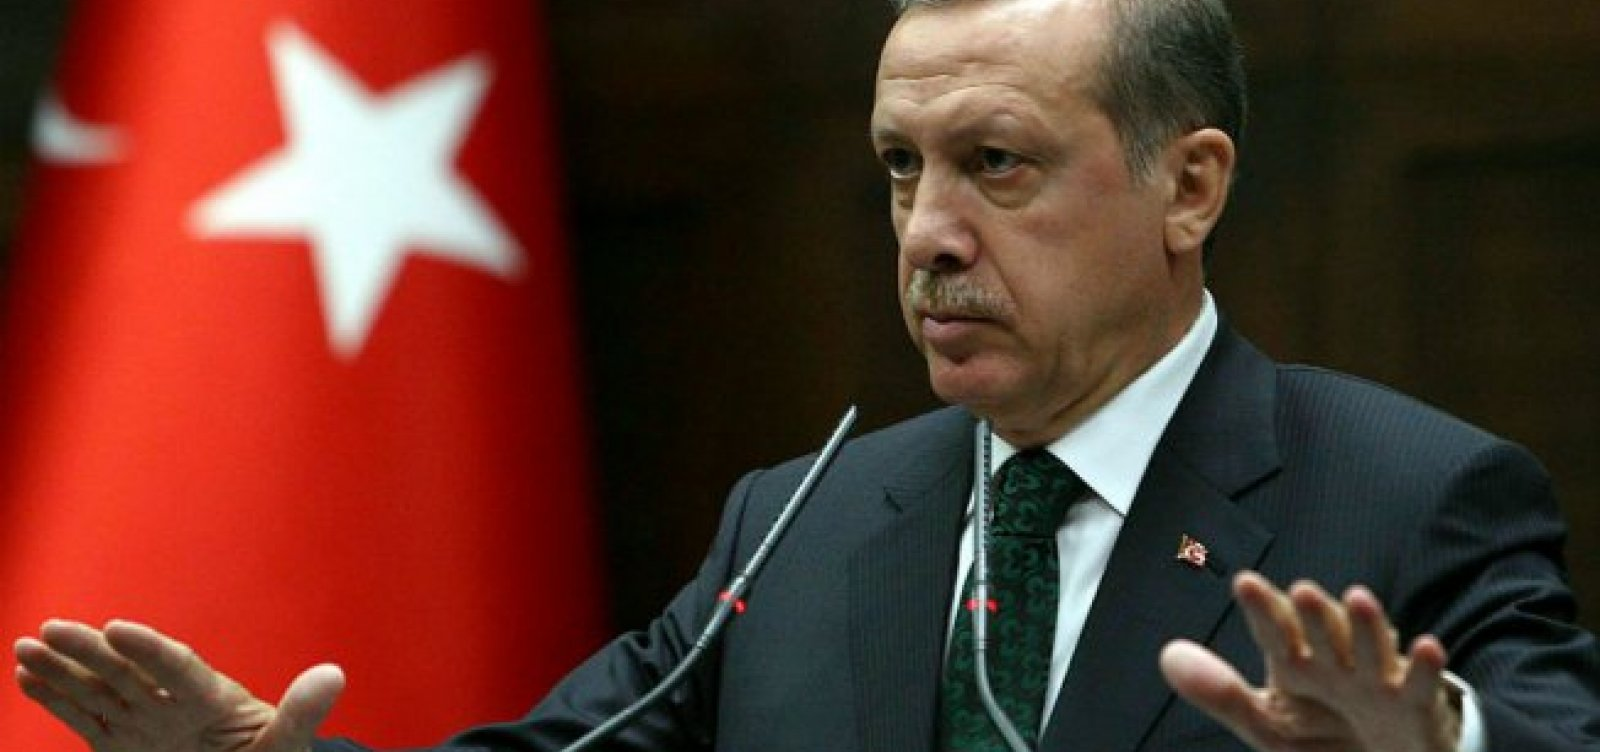 Ordem para matar jornalista saudita veio 'dos mais altos níveis', diz presidente da Turquia